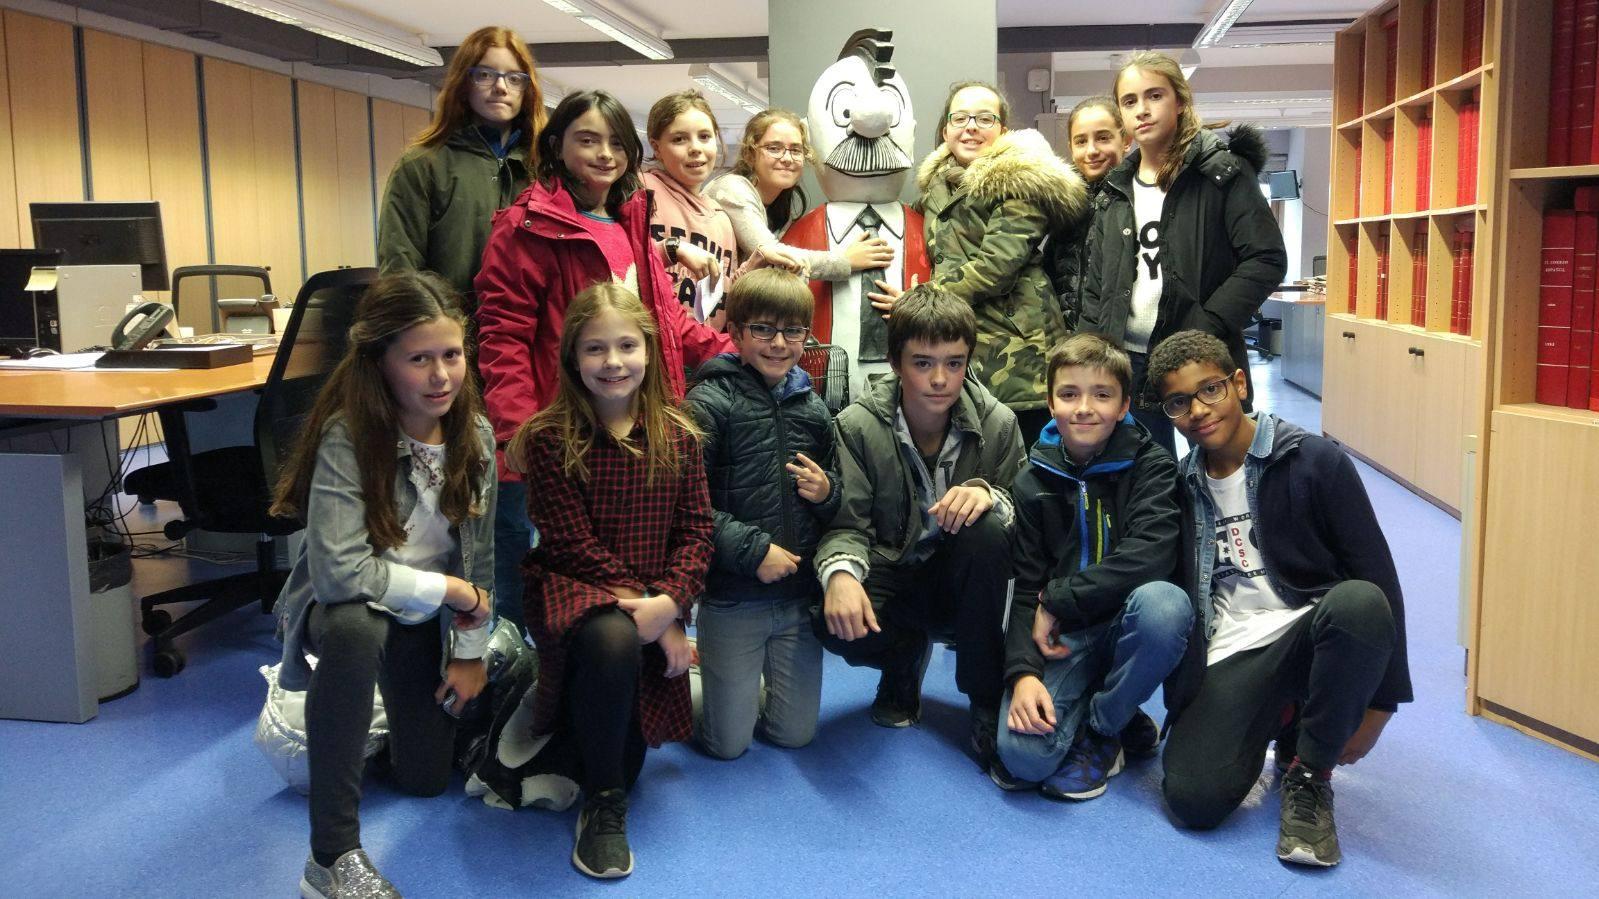 Visita centro escolar Urkide (Vitoria-Gasteiz) - 21 de noviembre de 2017